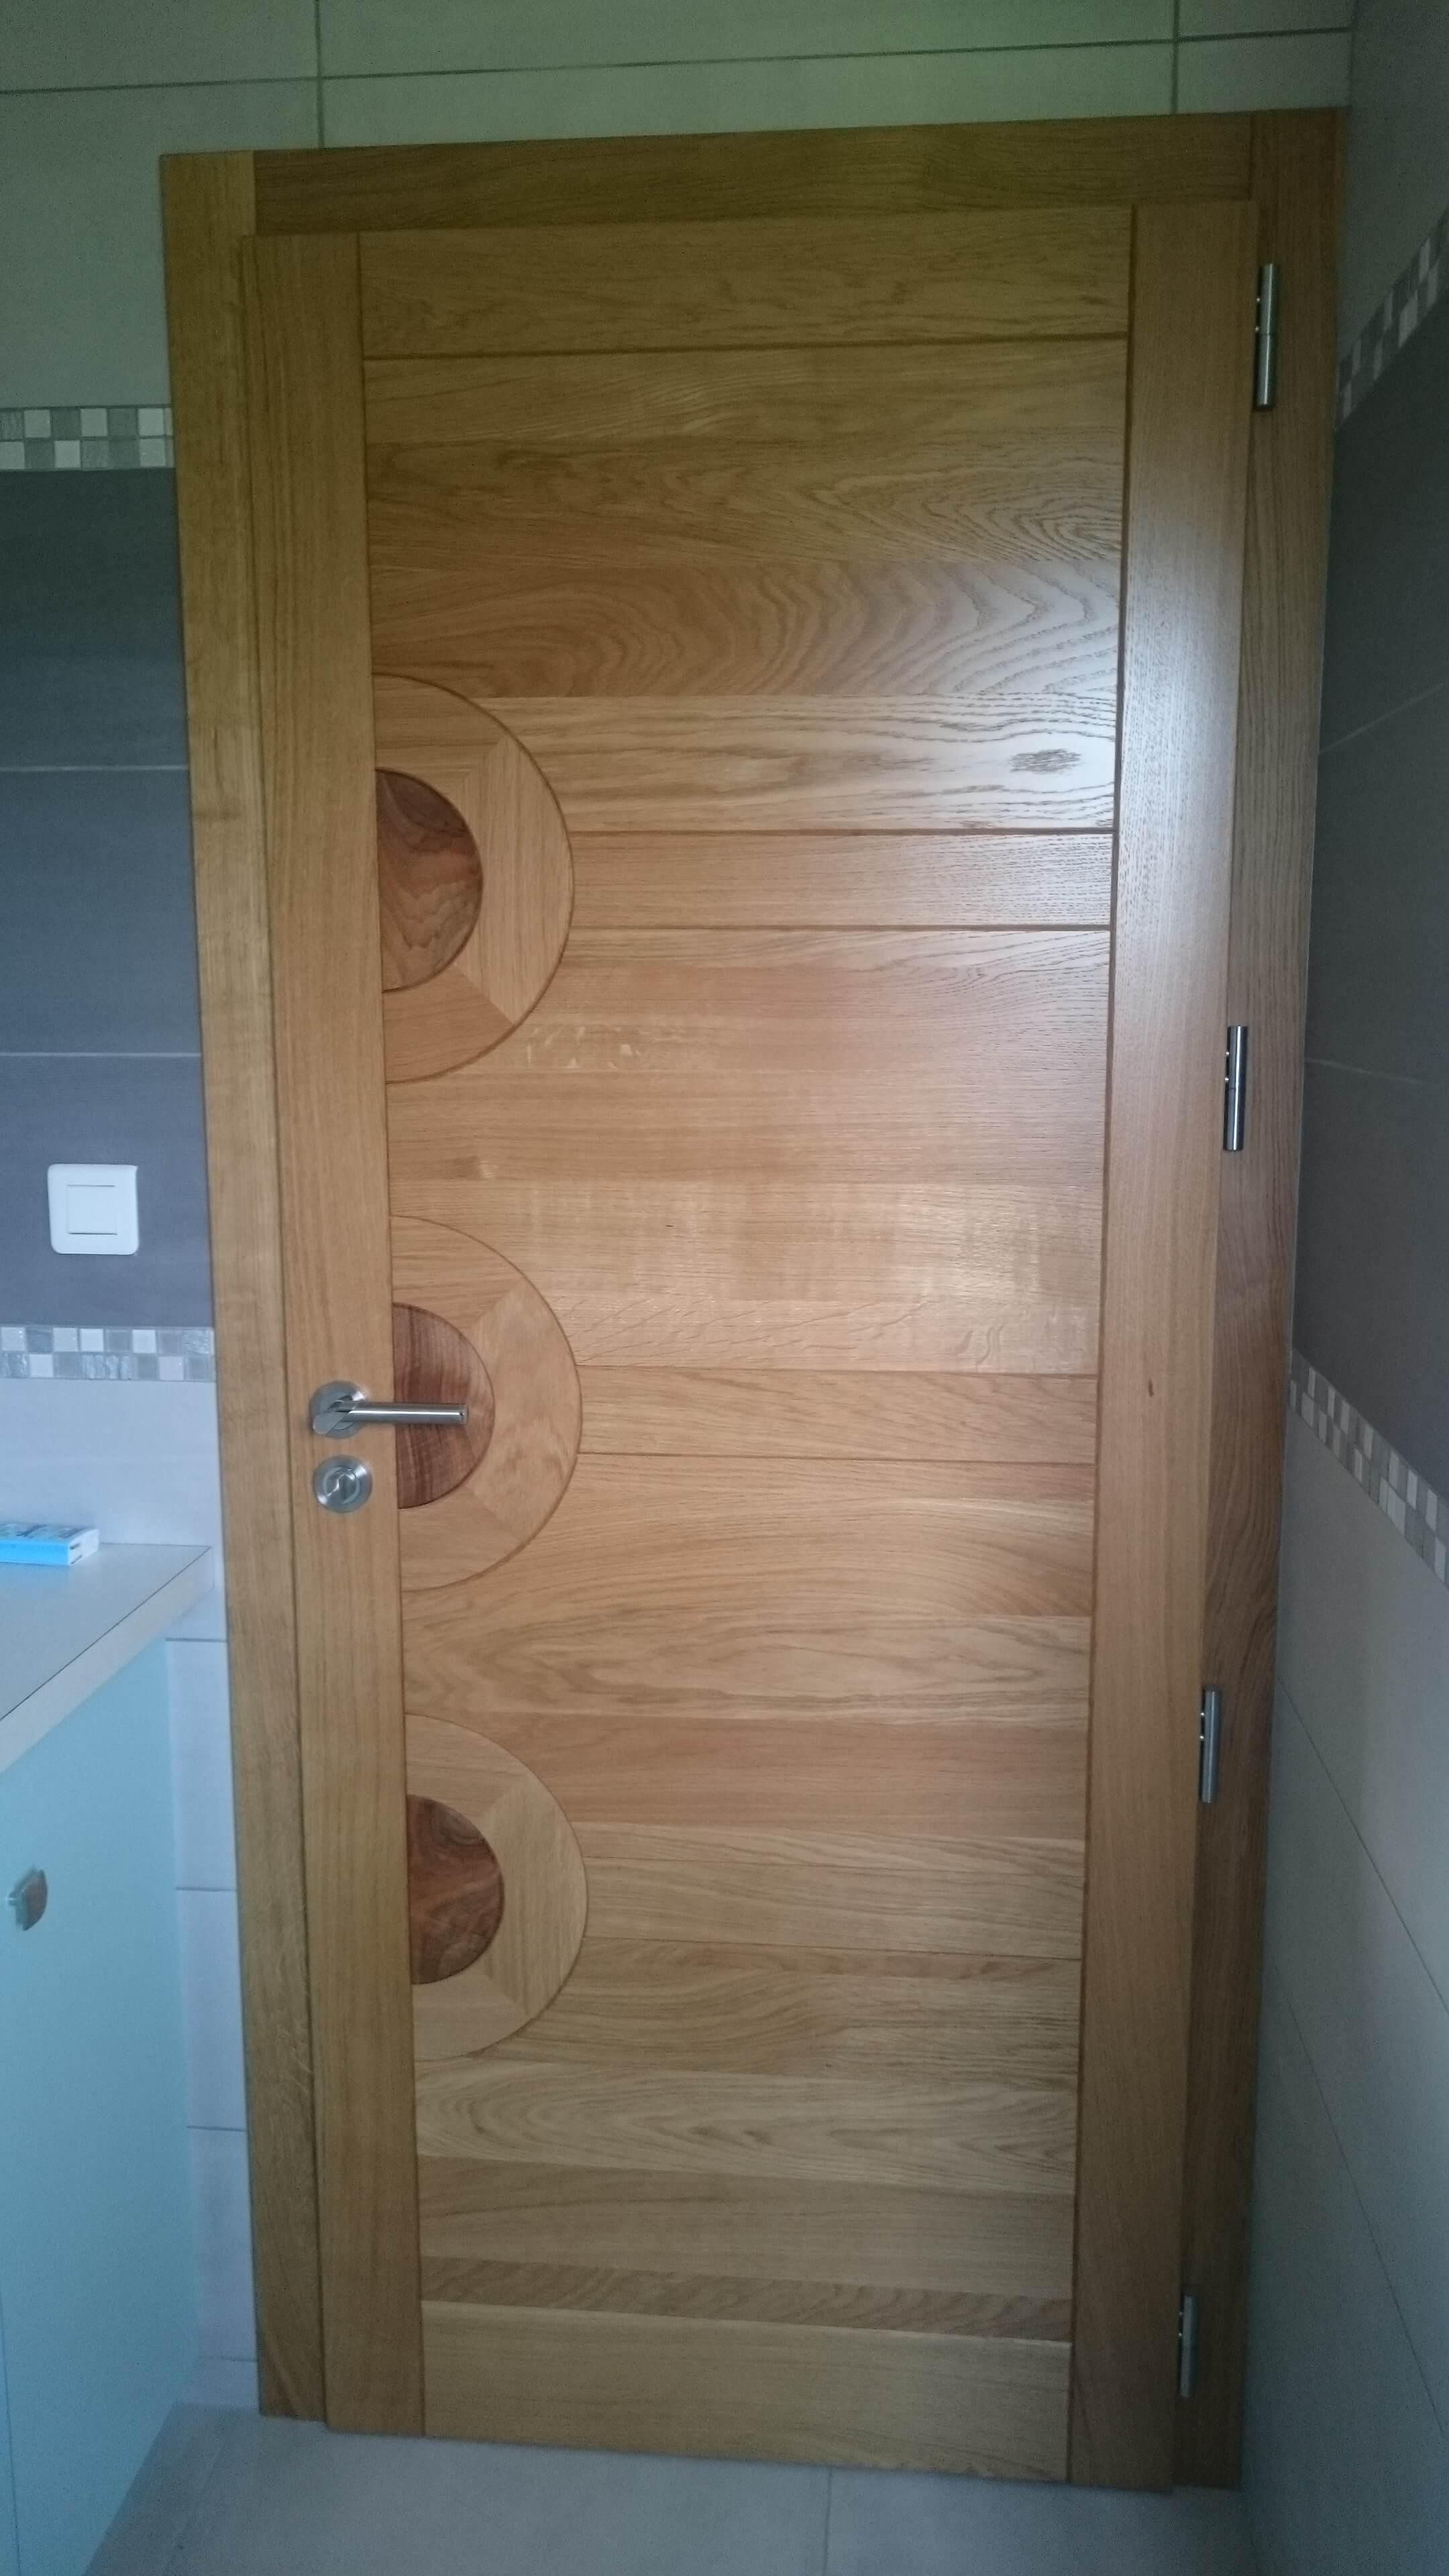 Menuiserie Figard - Fabrication sur mesure - Porte d'intérieure - Chêne noyer - Vesoul